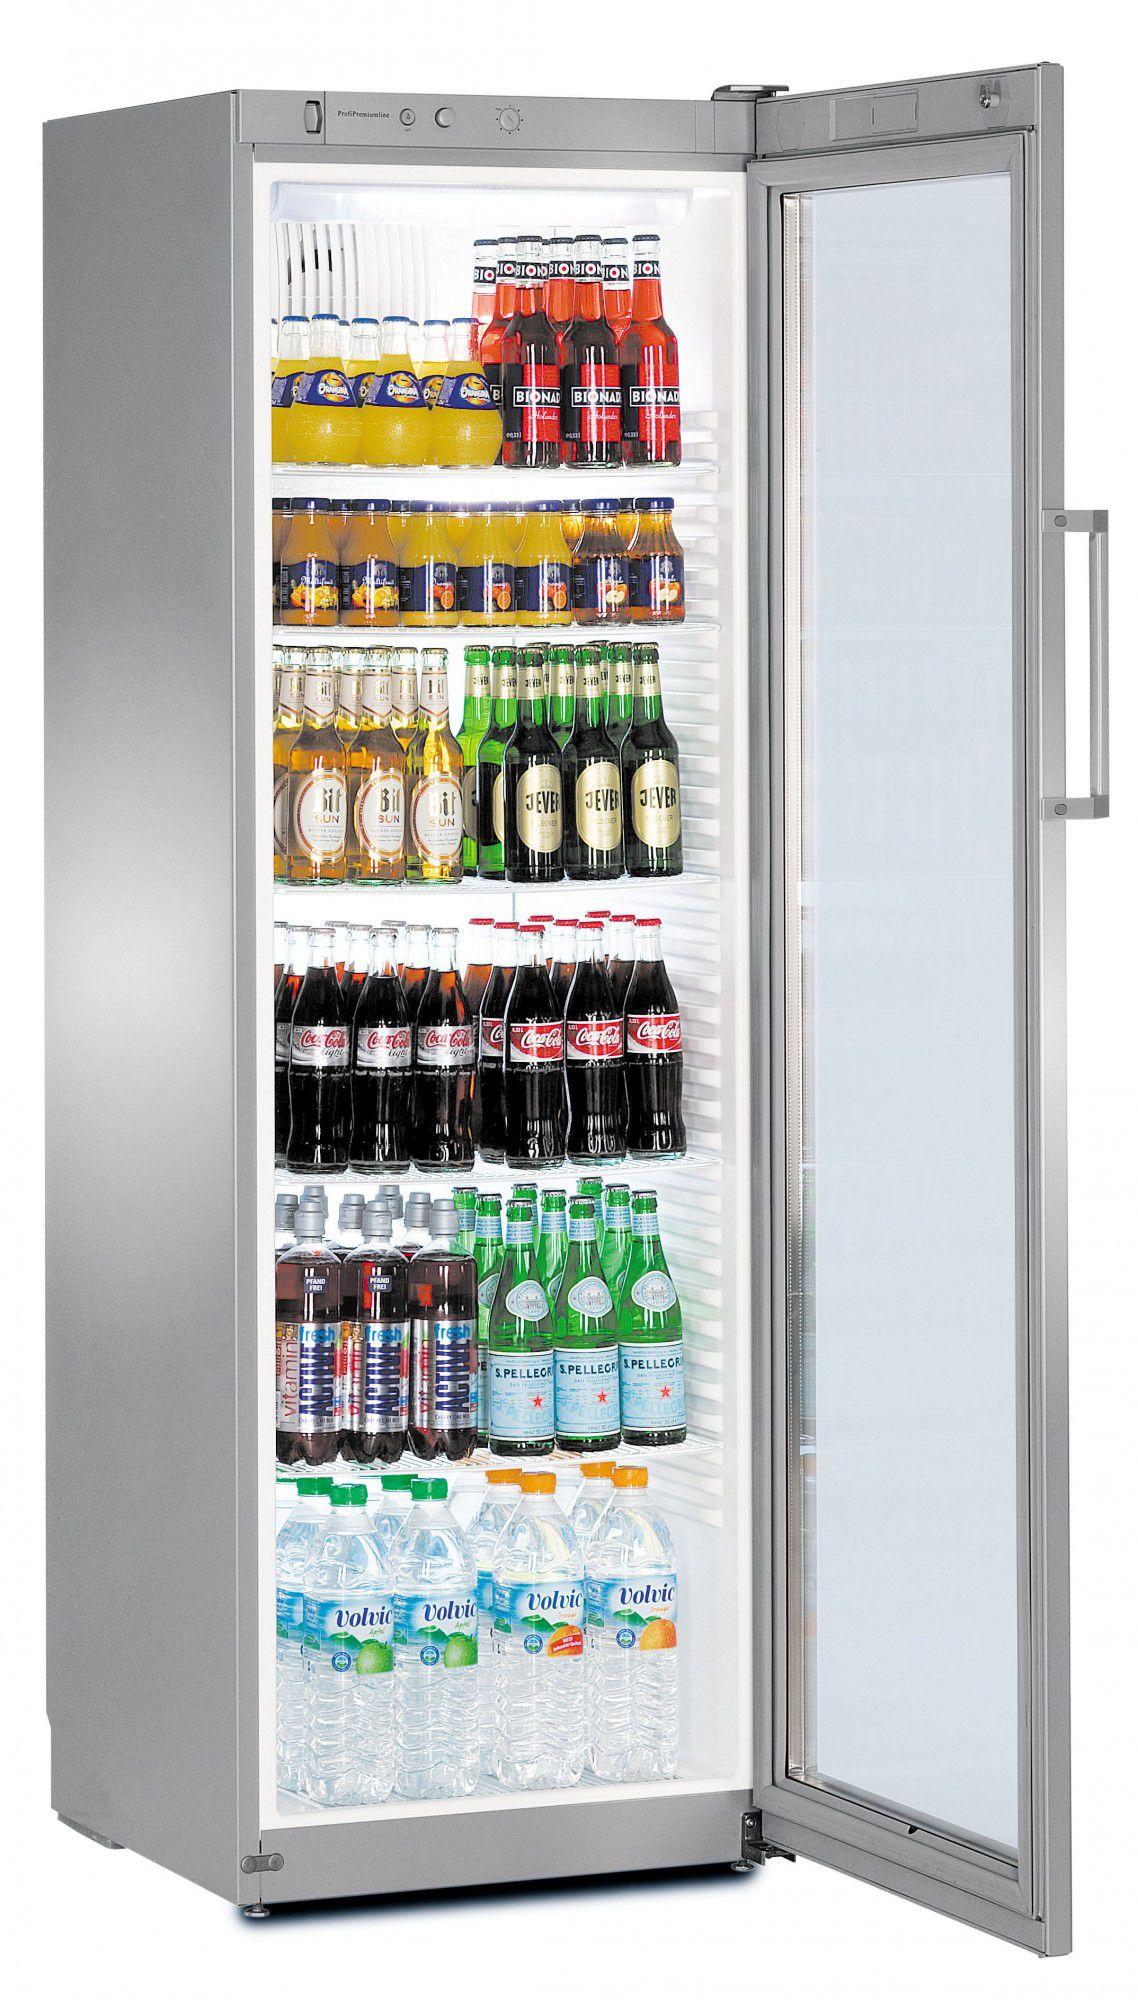 Liebherr Glastürkühlschrank FKvsl 4113 Premium - Gastro Kurz